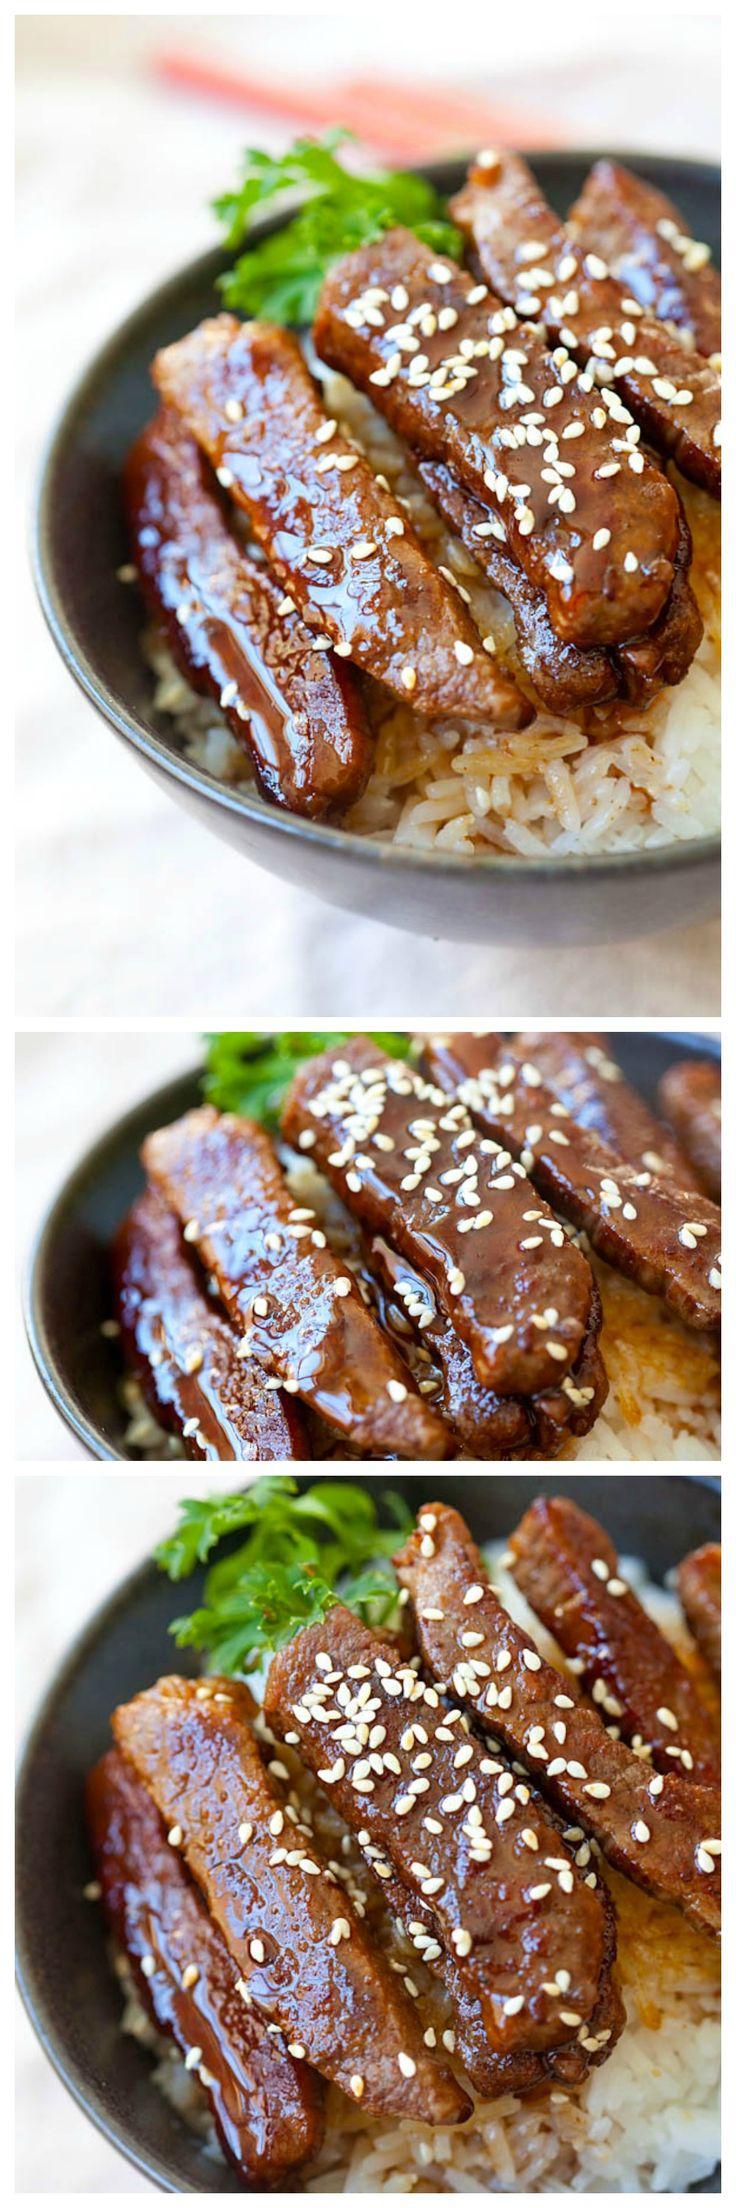 Печень в сливочном соусе рецепт пошагово